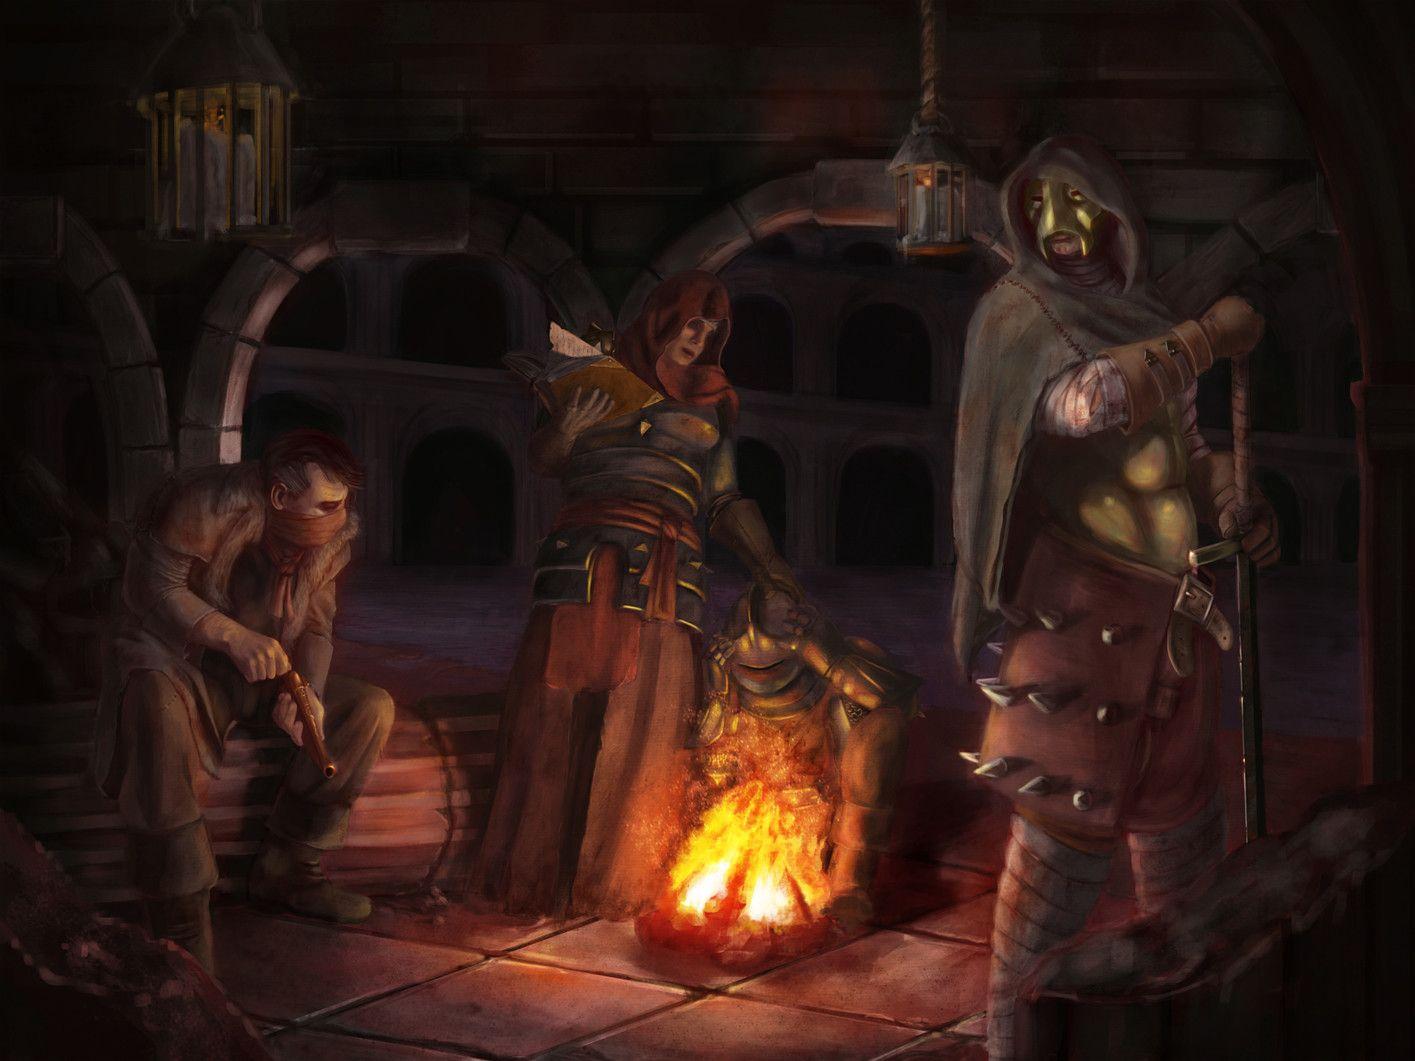 Darkest Dungeon Matthew Mcentire On Artstation At Https Www Artstation Com Artwork R2lb6 Darkest Dungeon Dungeon Dark Fantasy